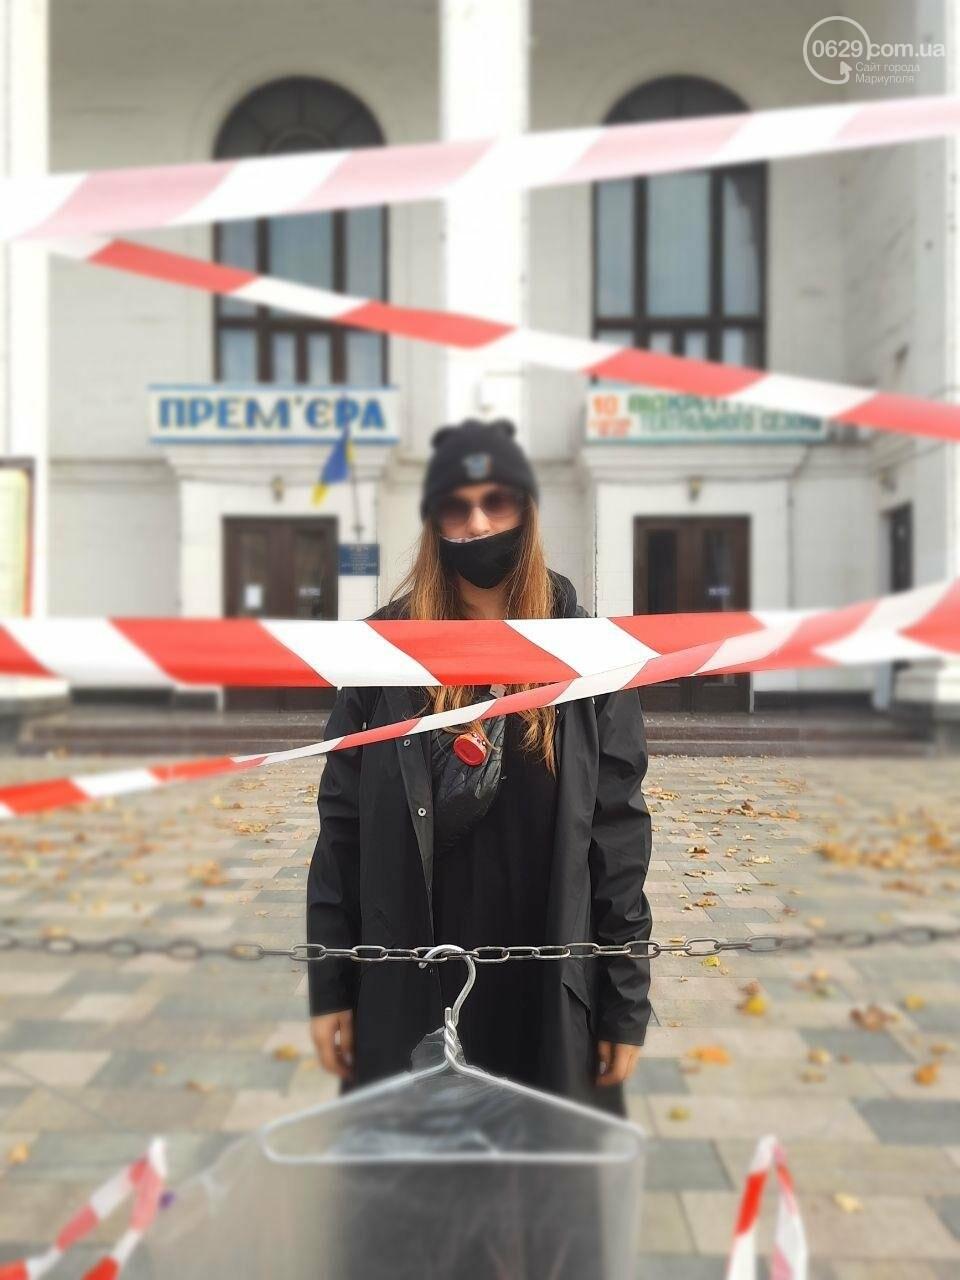 В центре Мариуполя появились вешалки, символизирующие нелегальные аборты, - ФОТО, фото-4